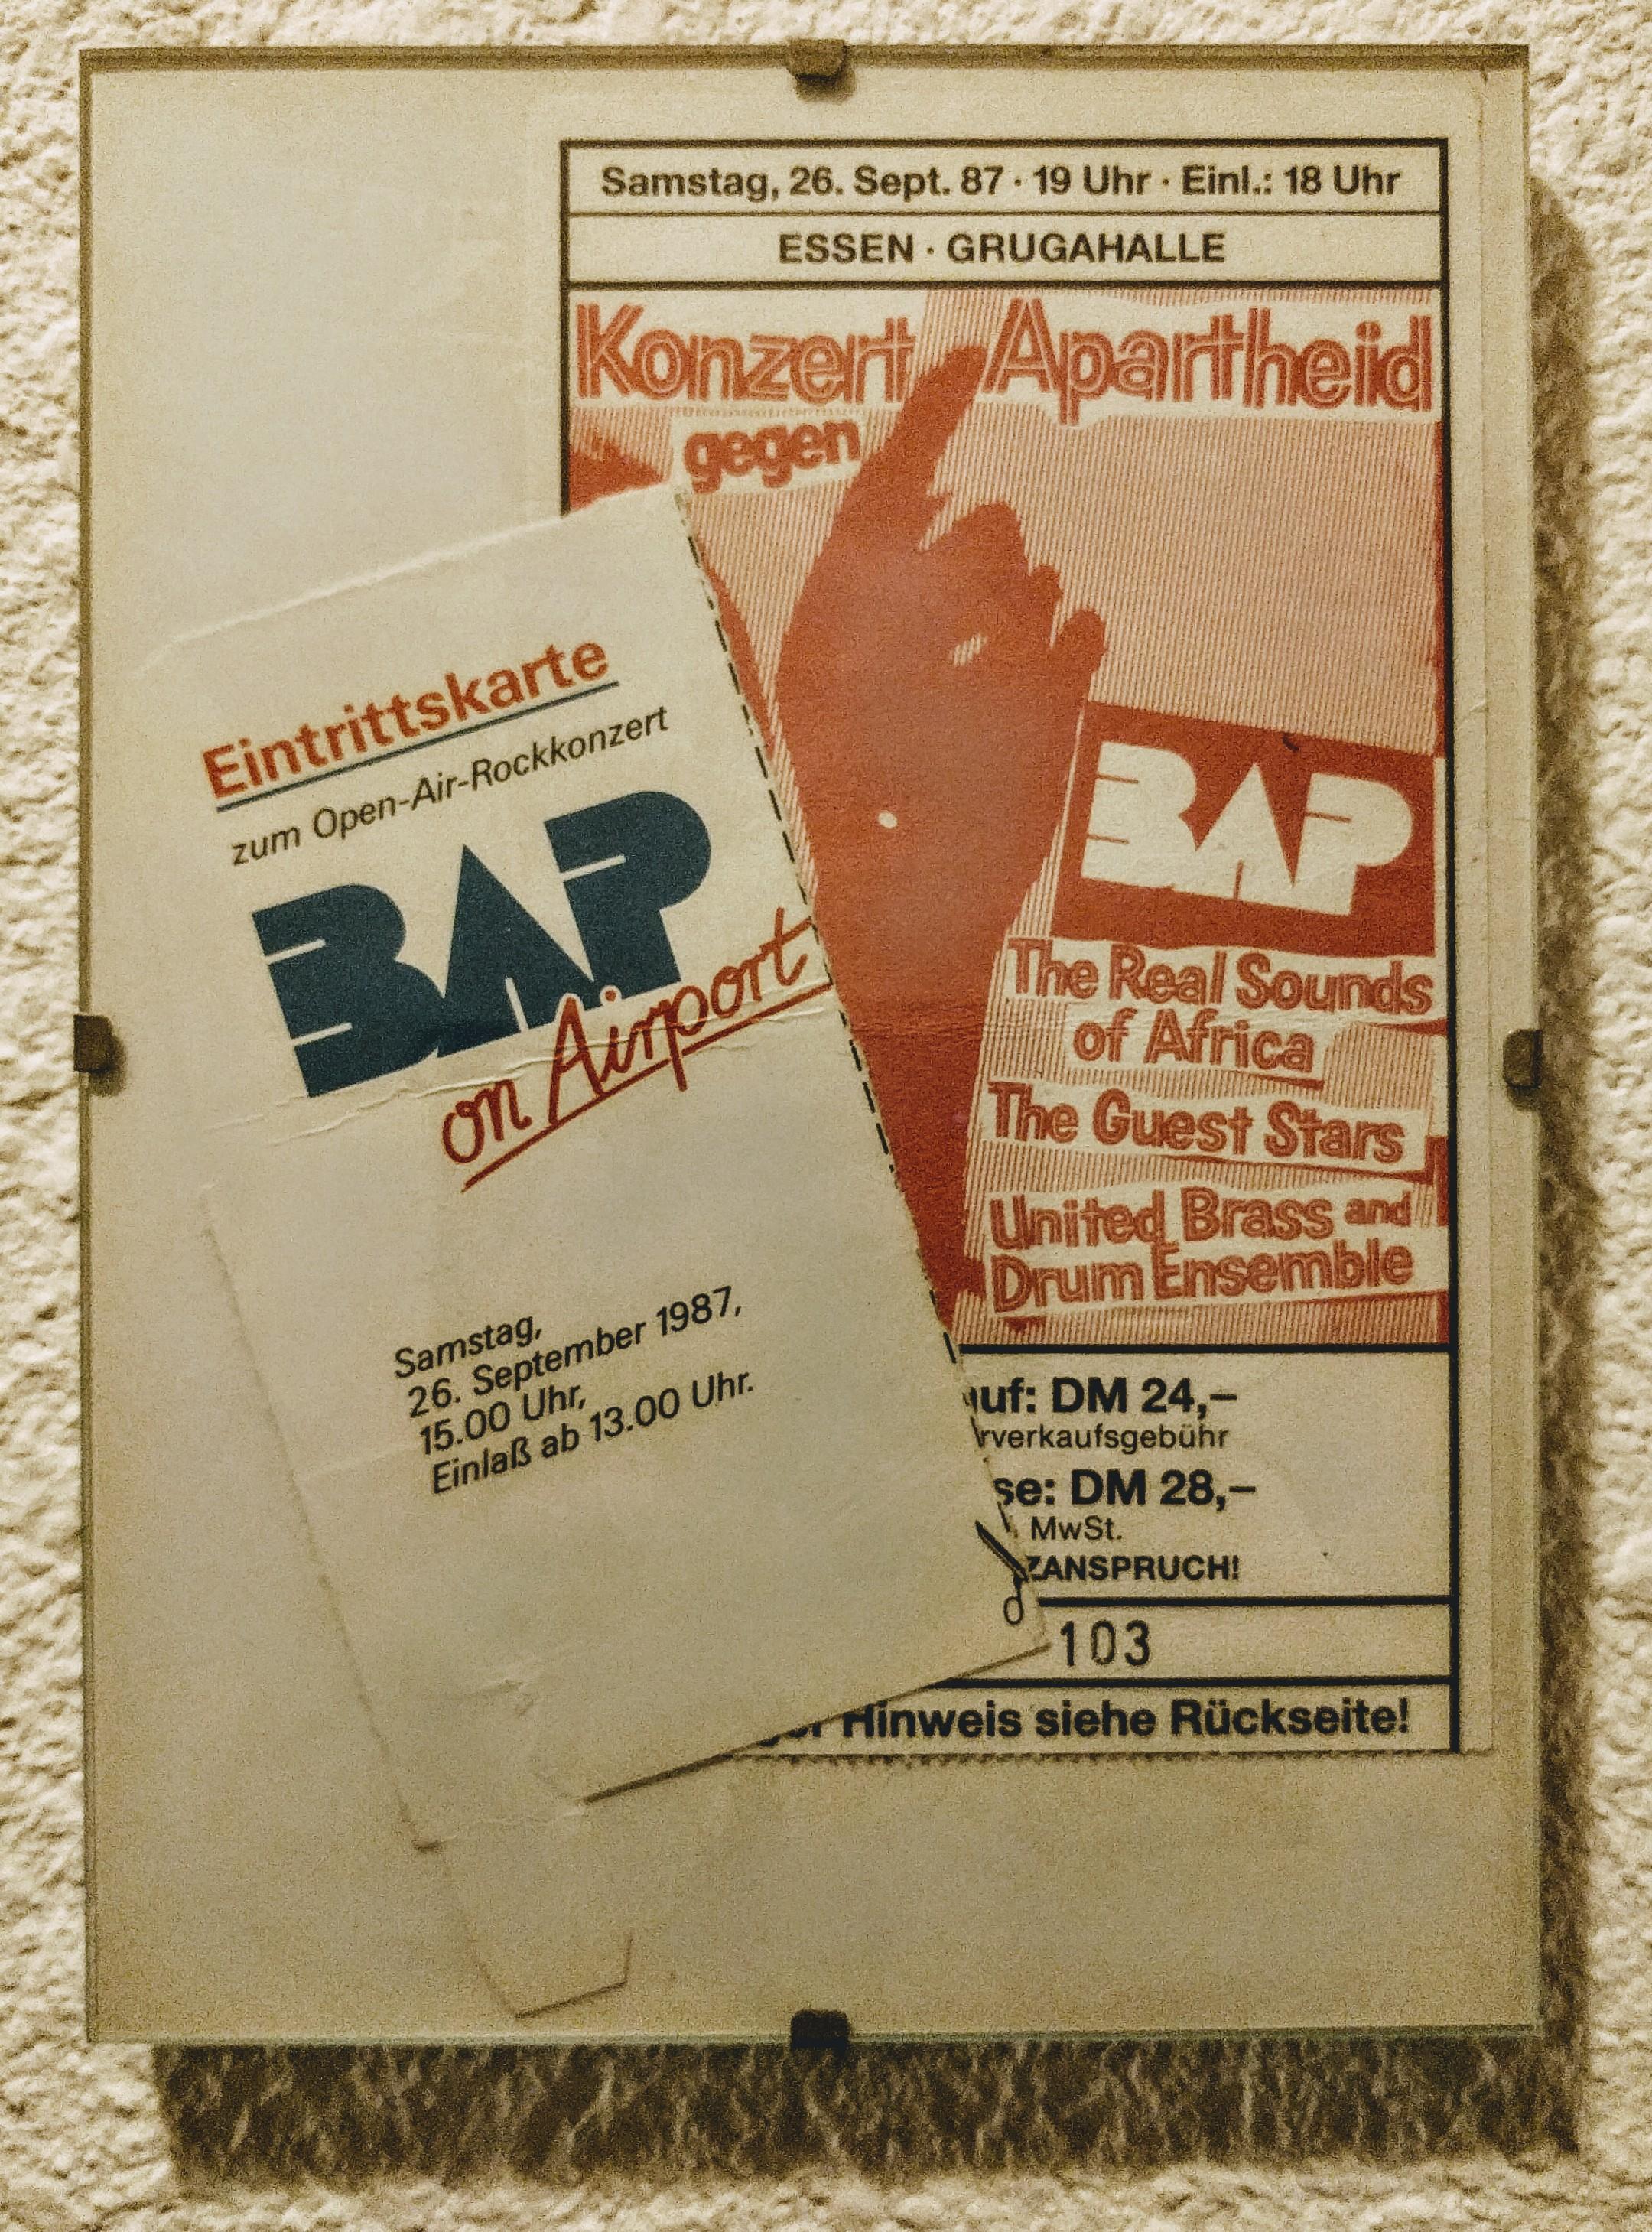 Zwei BAP-Konzerte an einem Tag: das gab es wohl nur am 26. September 1987!